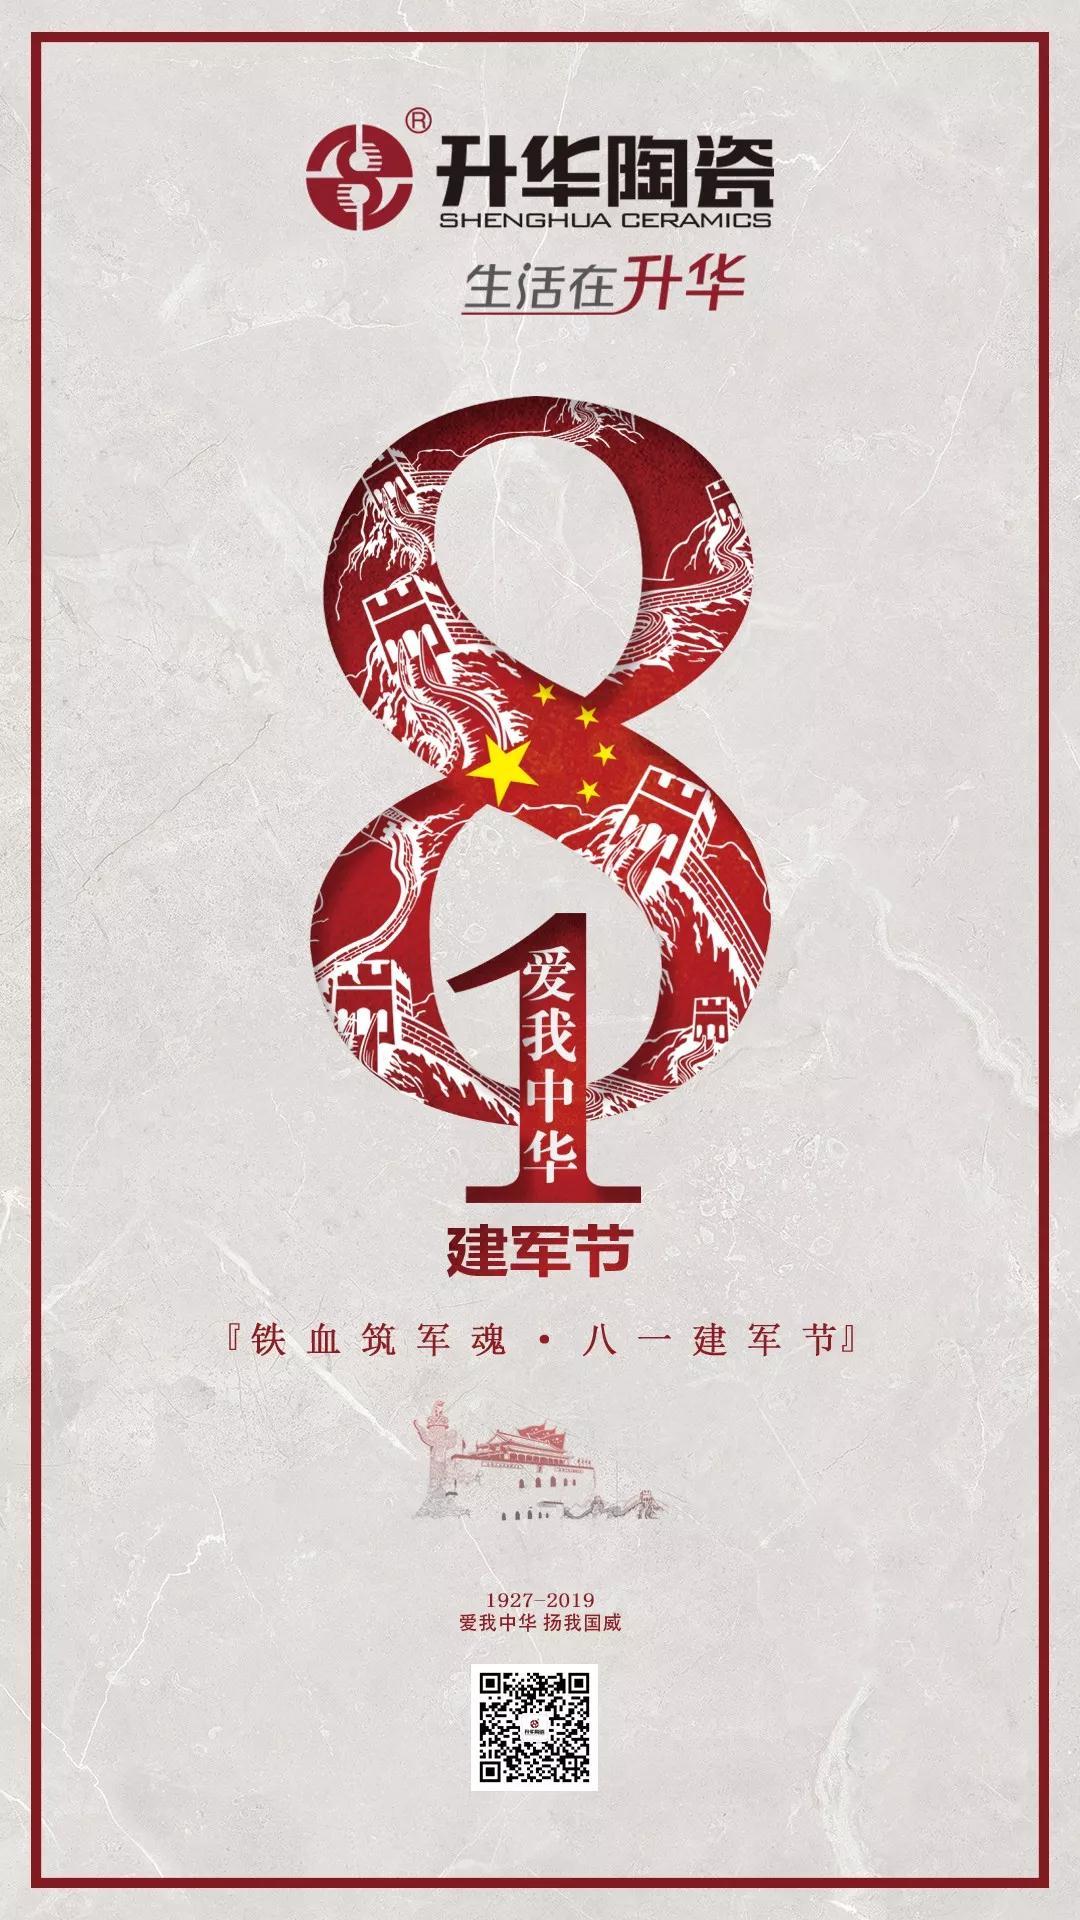 八一建军节 | 升华陶瓷复兴号高铁列车全新广告今日上线啦